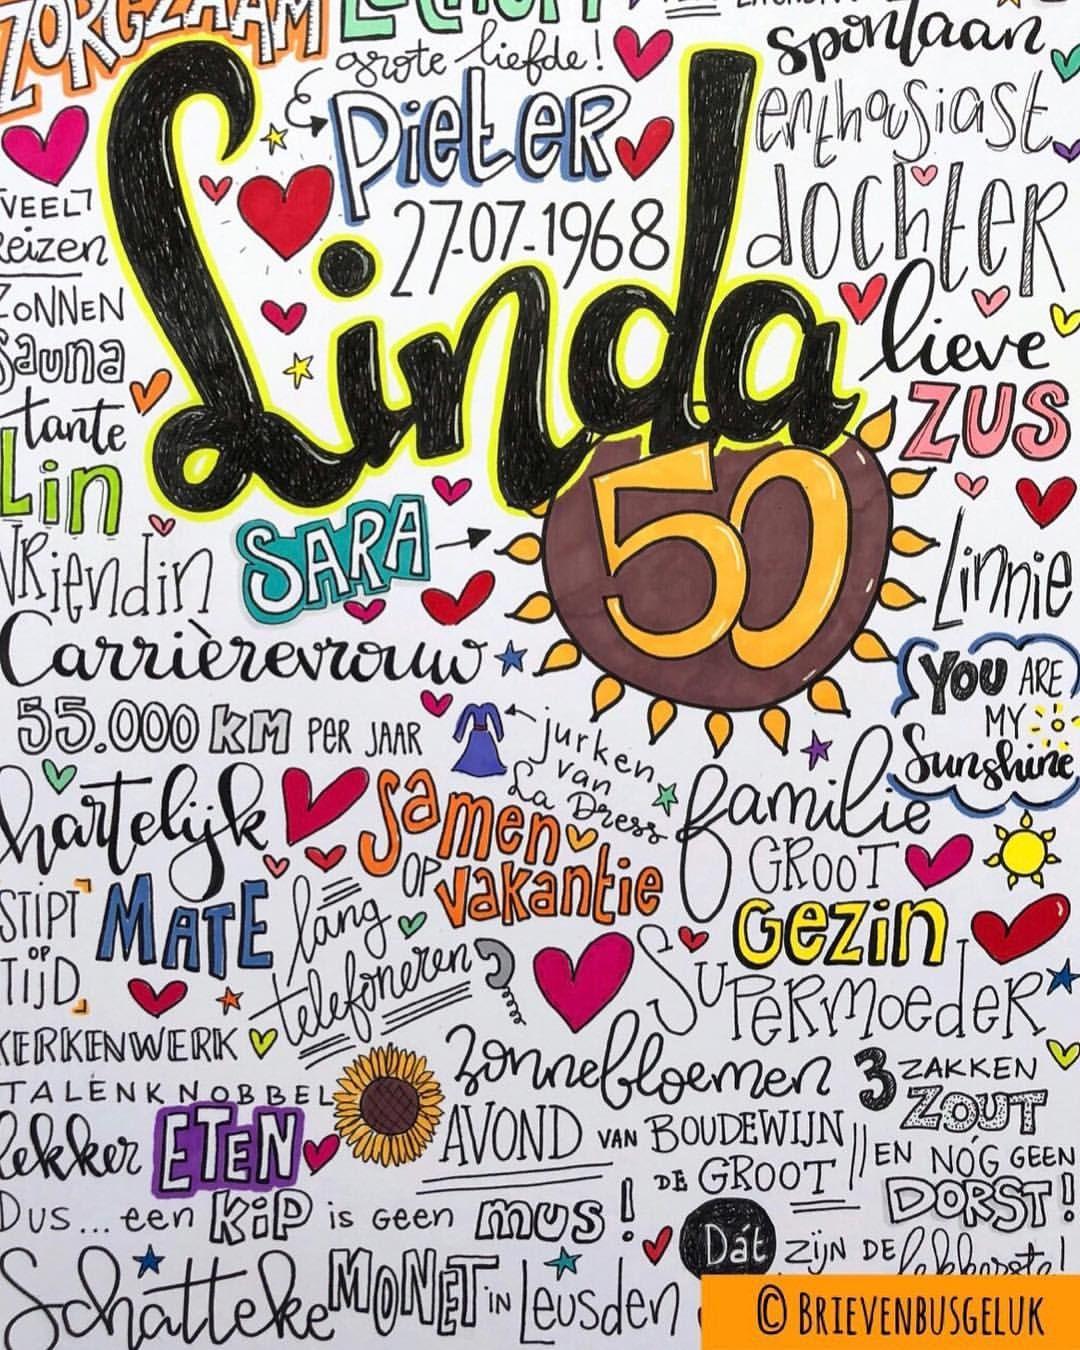 Goede Linda 50 • ©️ 🌻🌞🌻 Linda vierde begin deze maand haar 50e RB-17